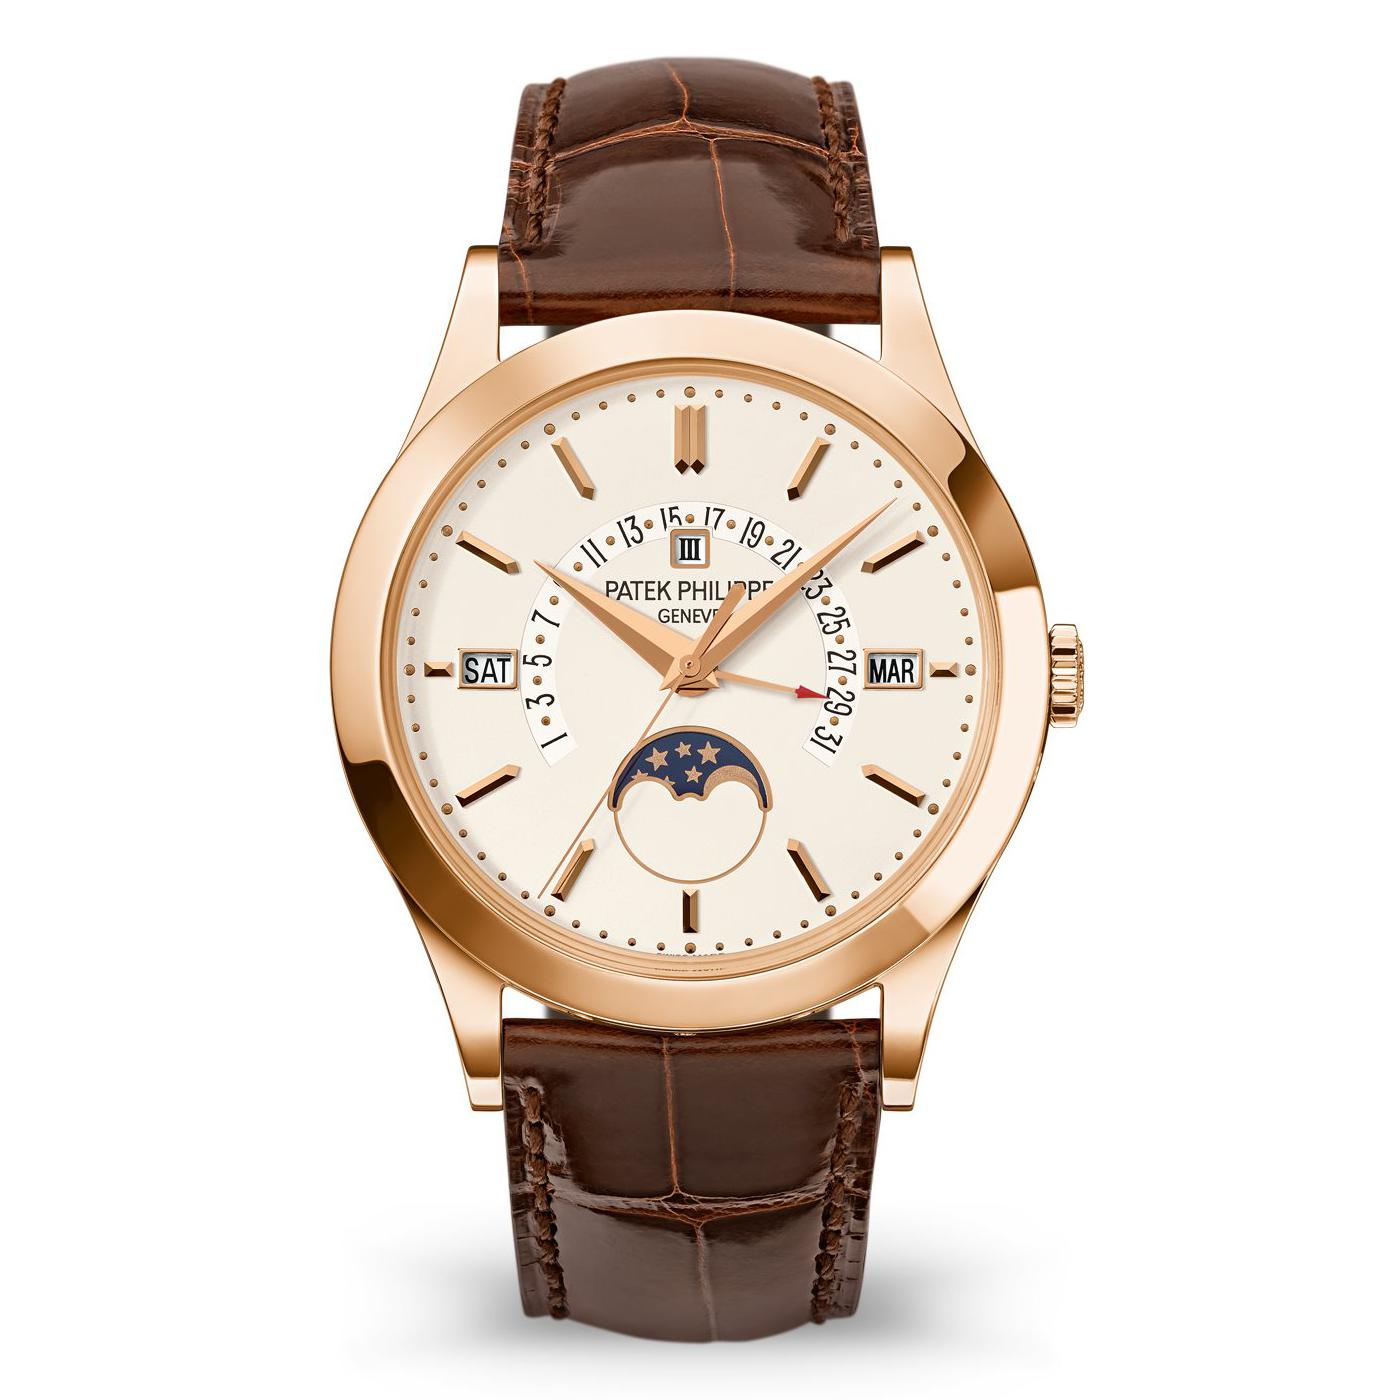 Reloj Patek Philippe – Calendario Perpetuo Fecha Retrógrada 5496R-001 - Amaya Joyeros